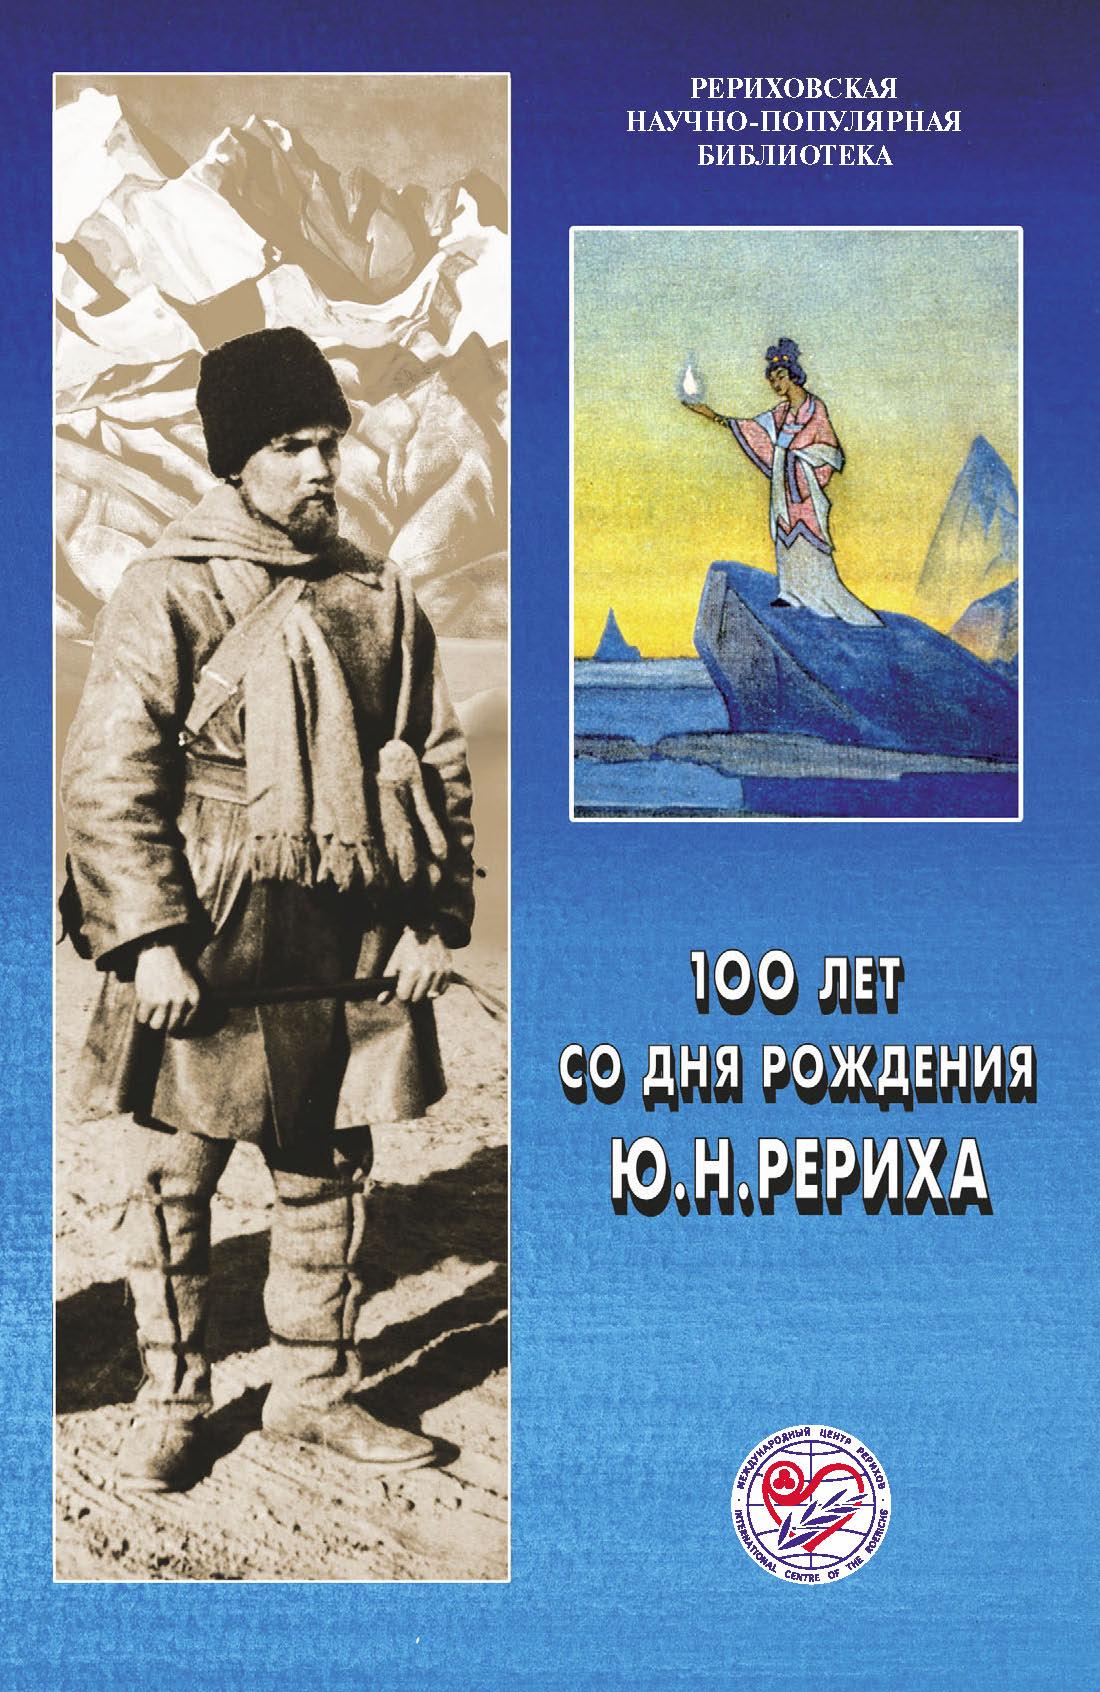 100 лет со дня рождения Ю. Н. Рериха. Материалы Международной научно-общественной конференции. 2002